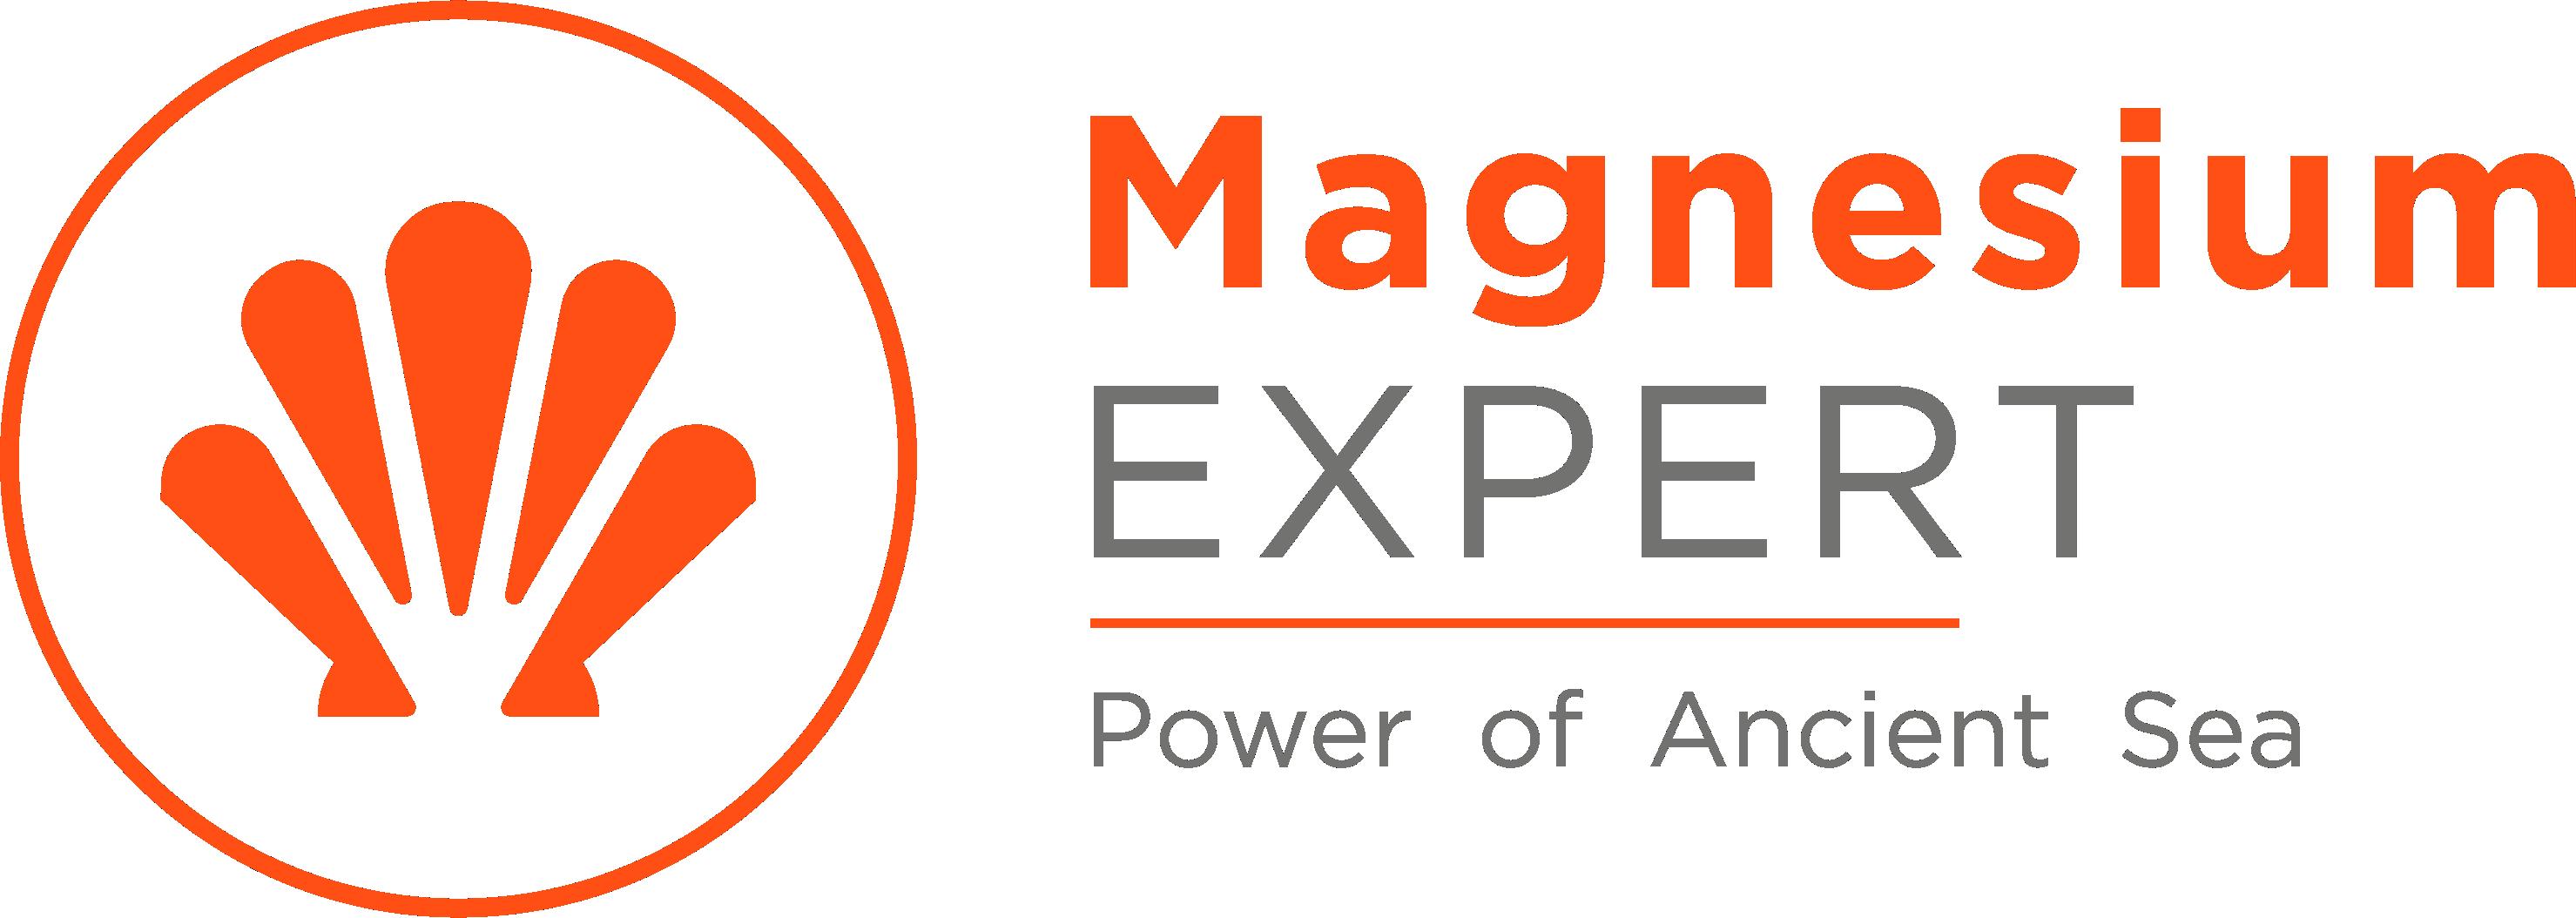 Magnesium Expert